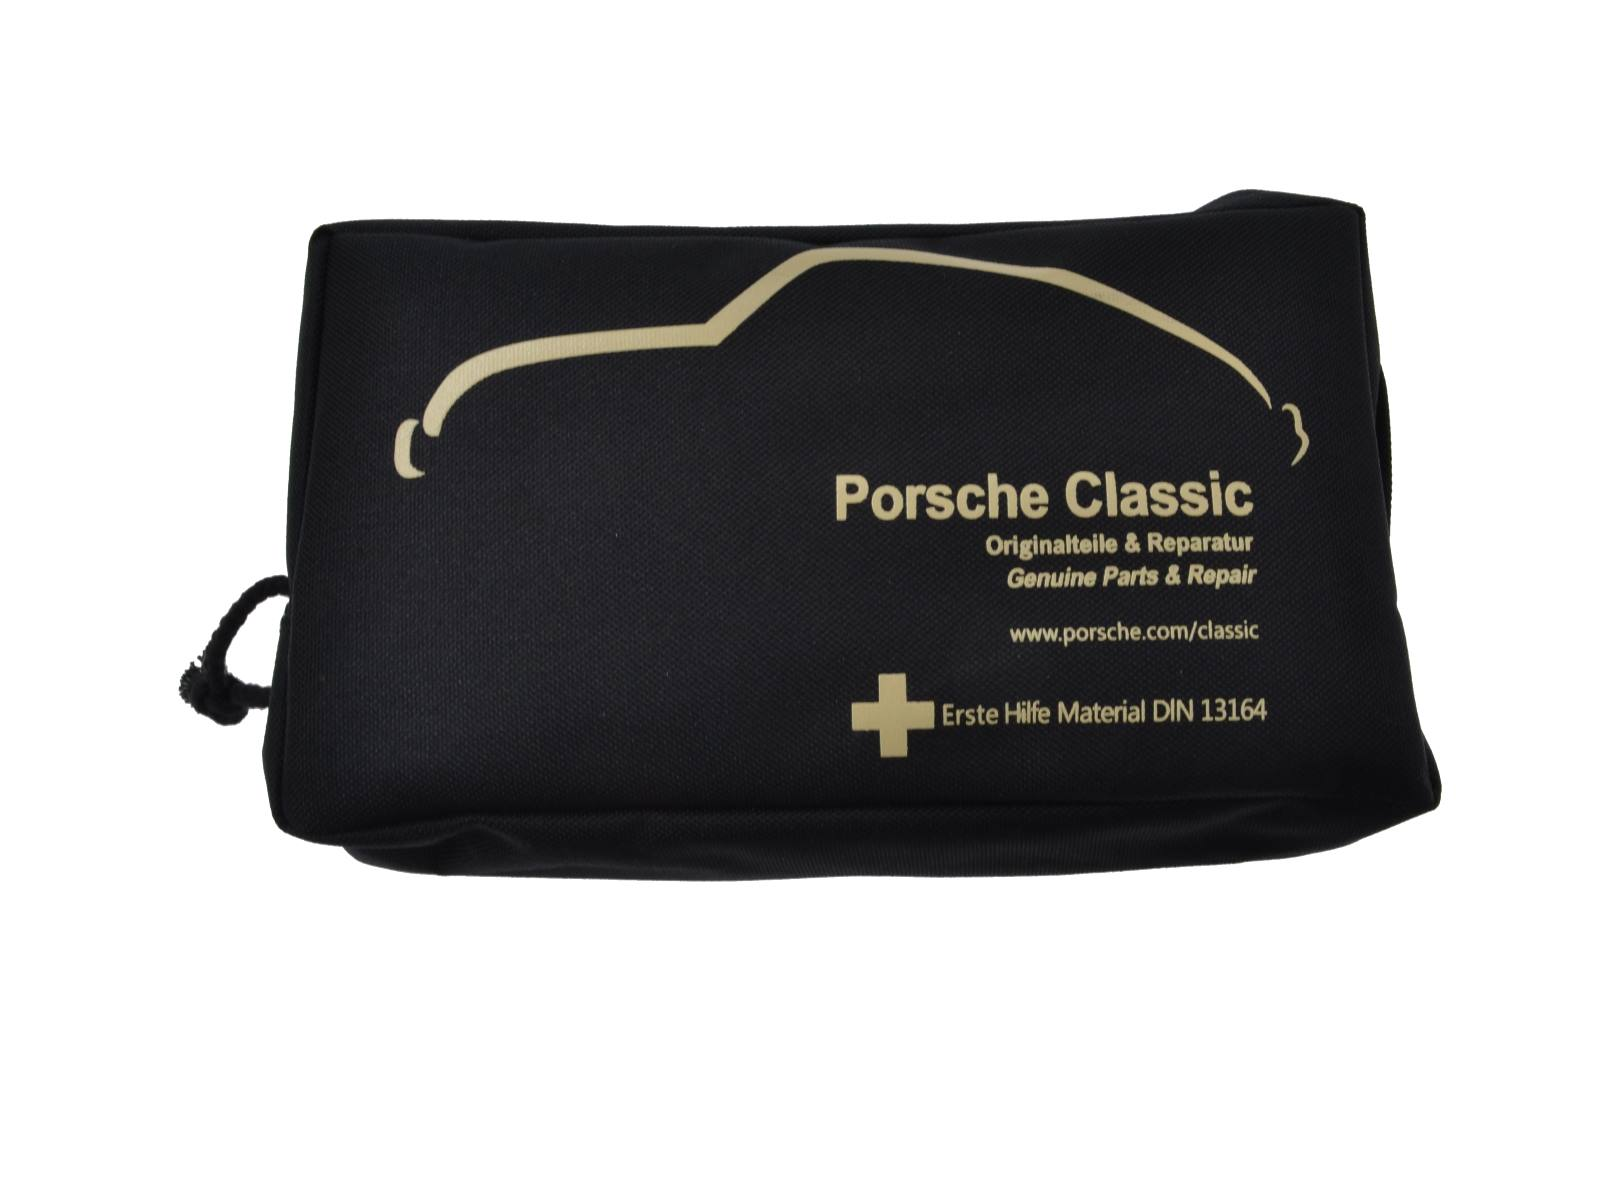 Original Verbandstasche für Porsche 911/944/928/986/996 Verbandskasten